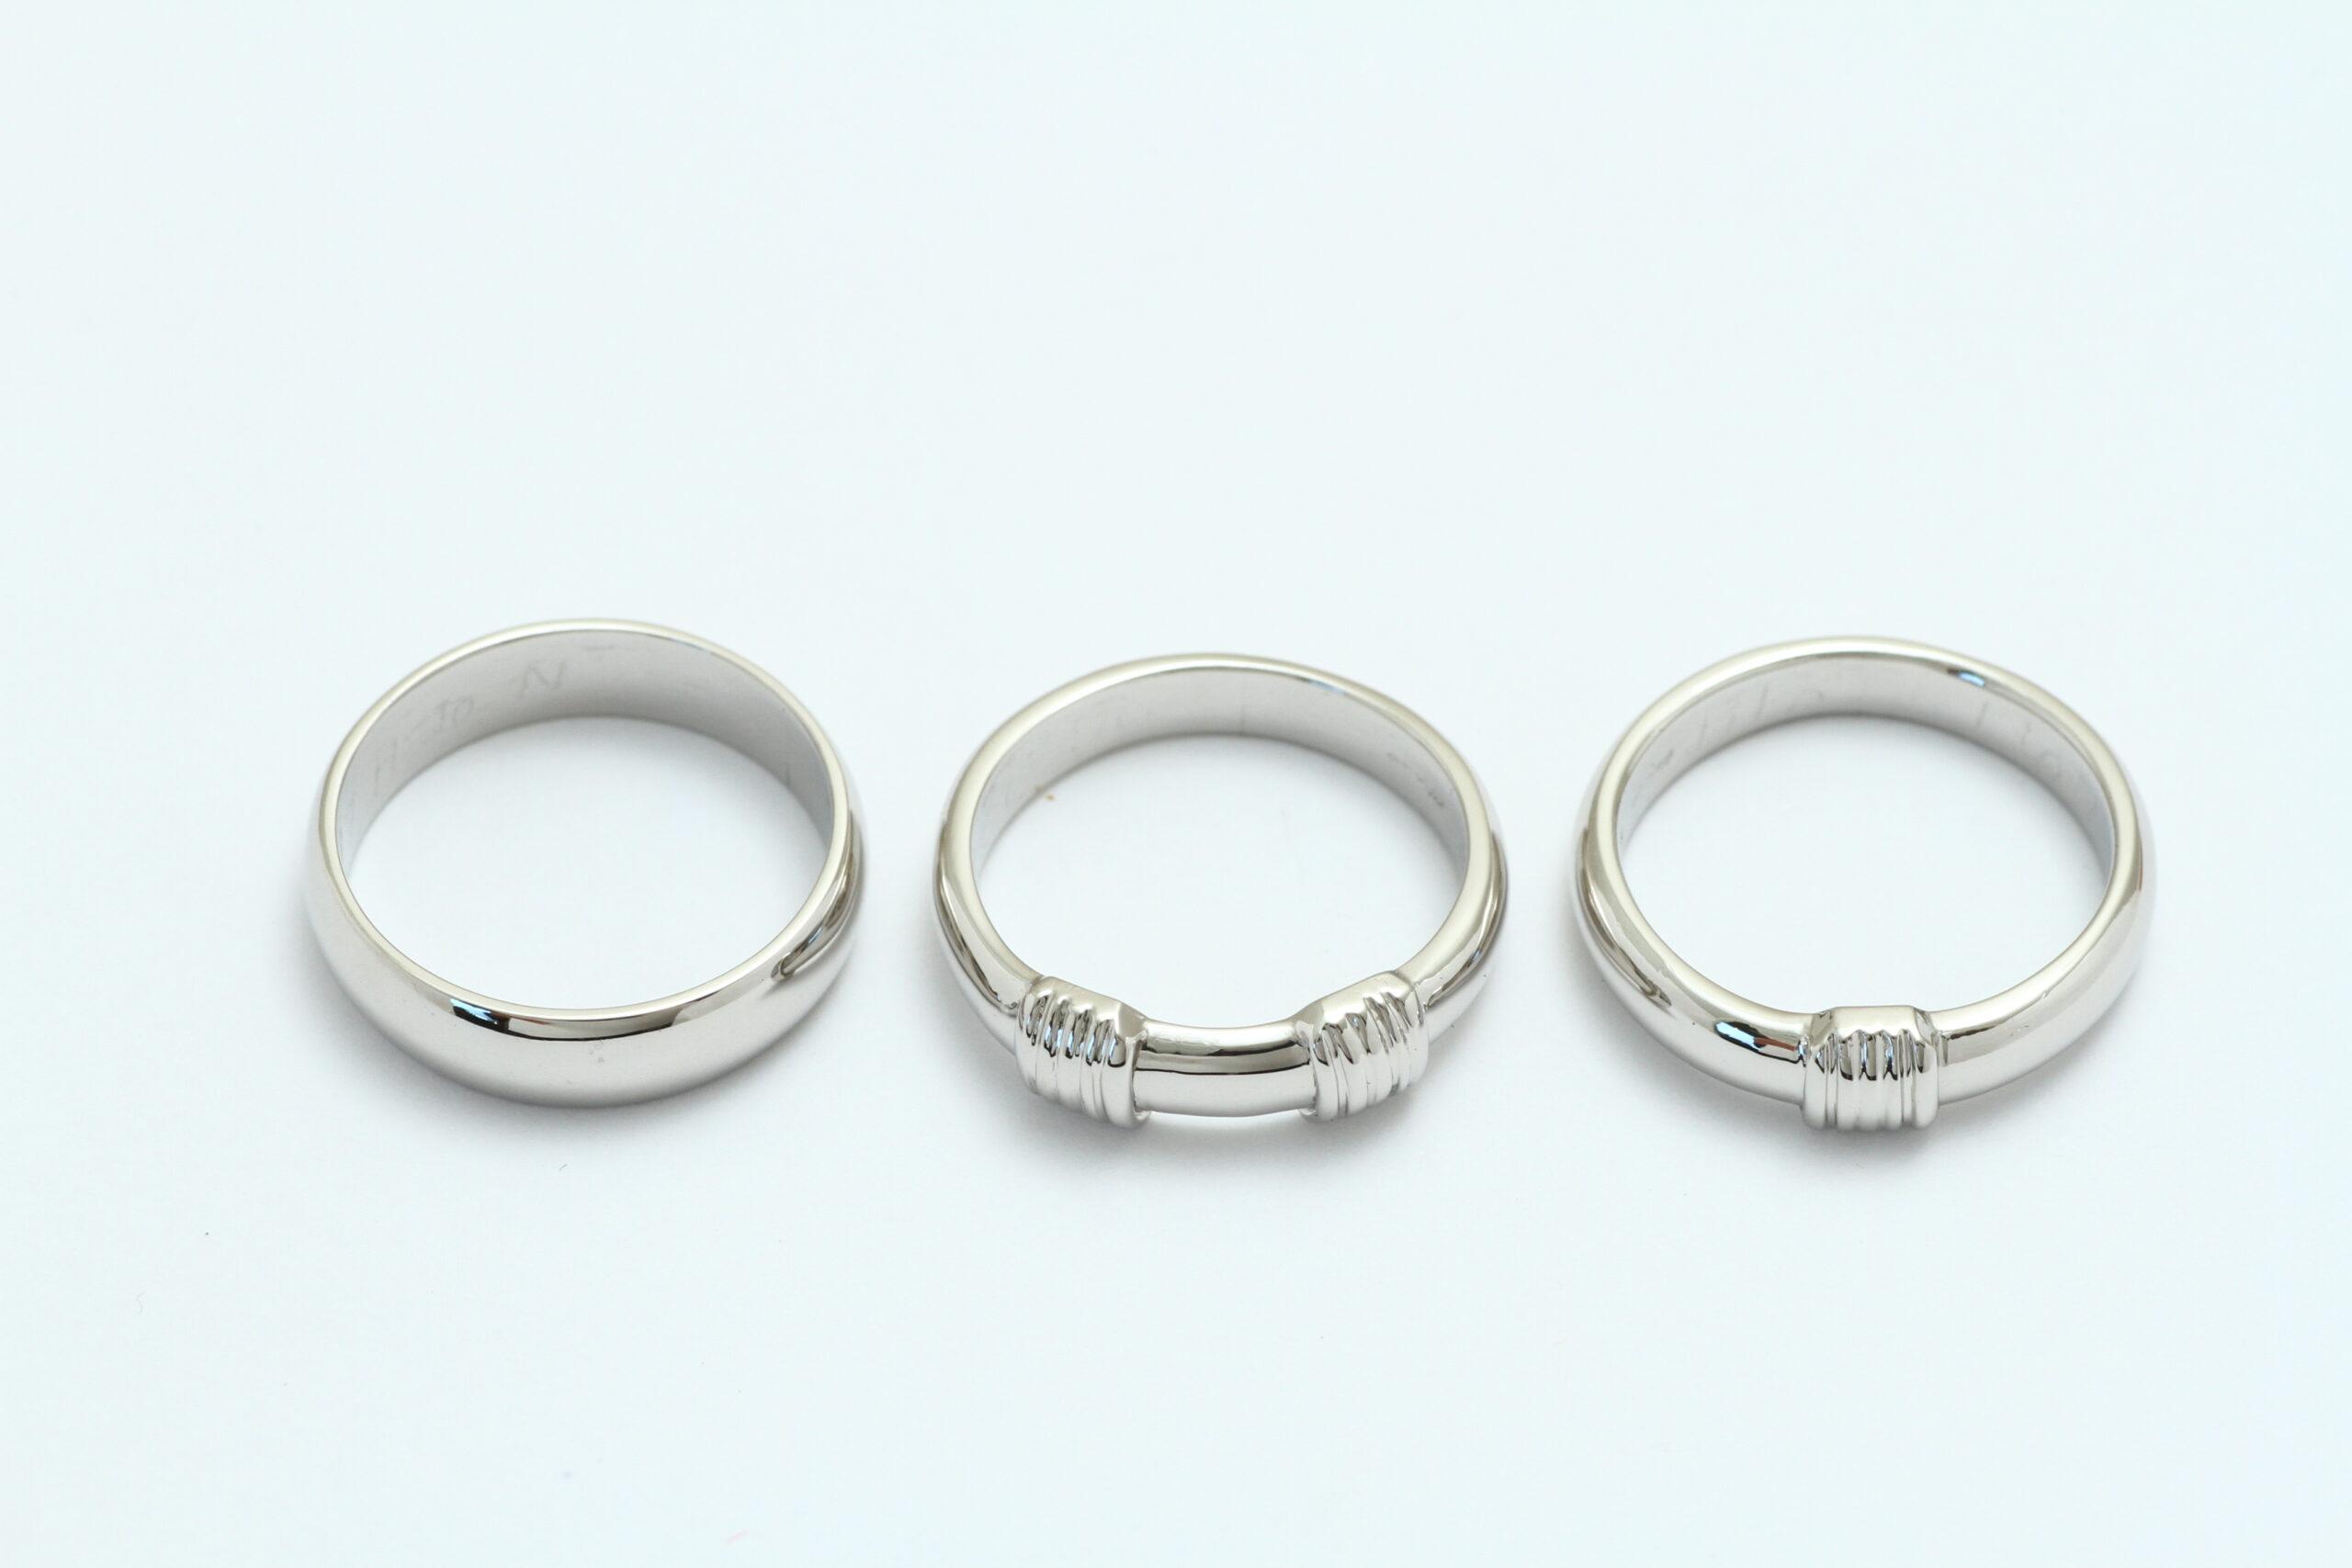 プラチナの指輪 修理 完成